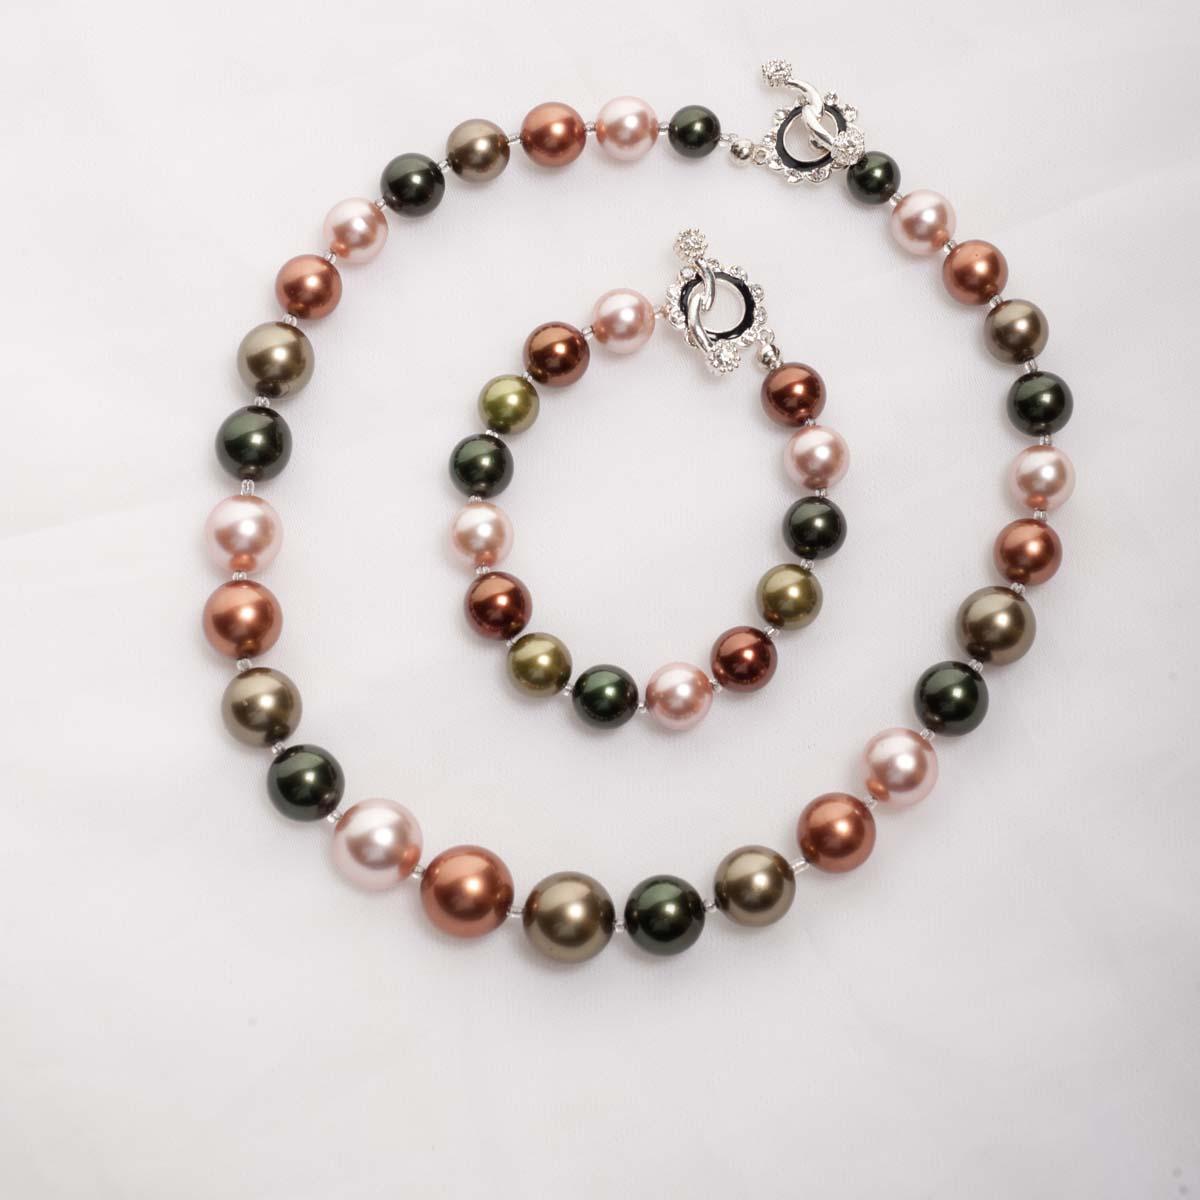 e235914a785 Bracelets | Irish Jewellery Designer| Hand Made Jewellry